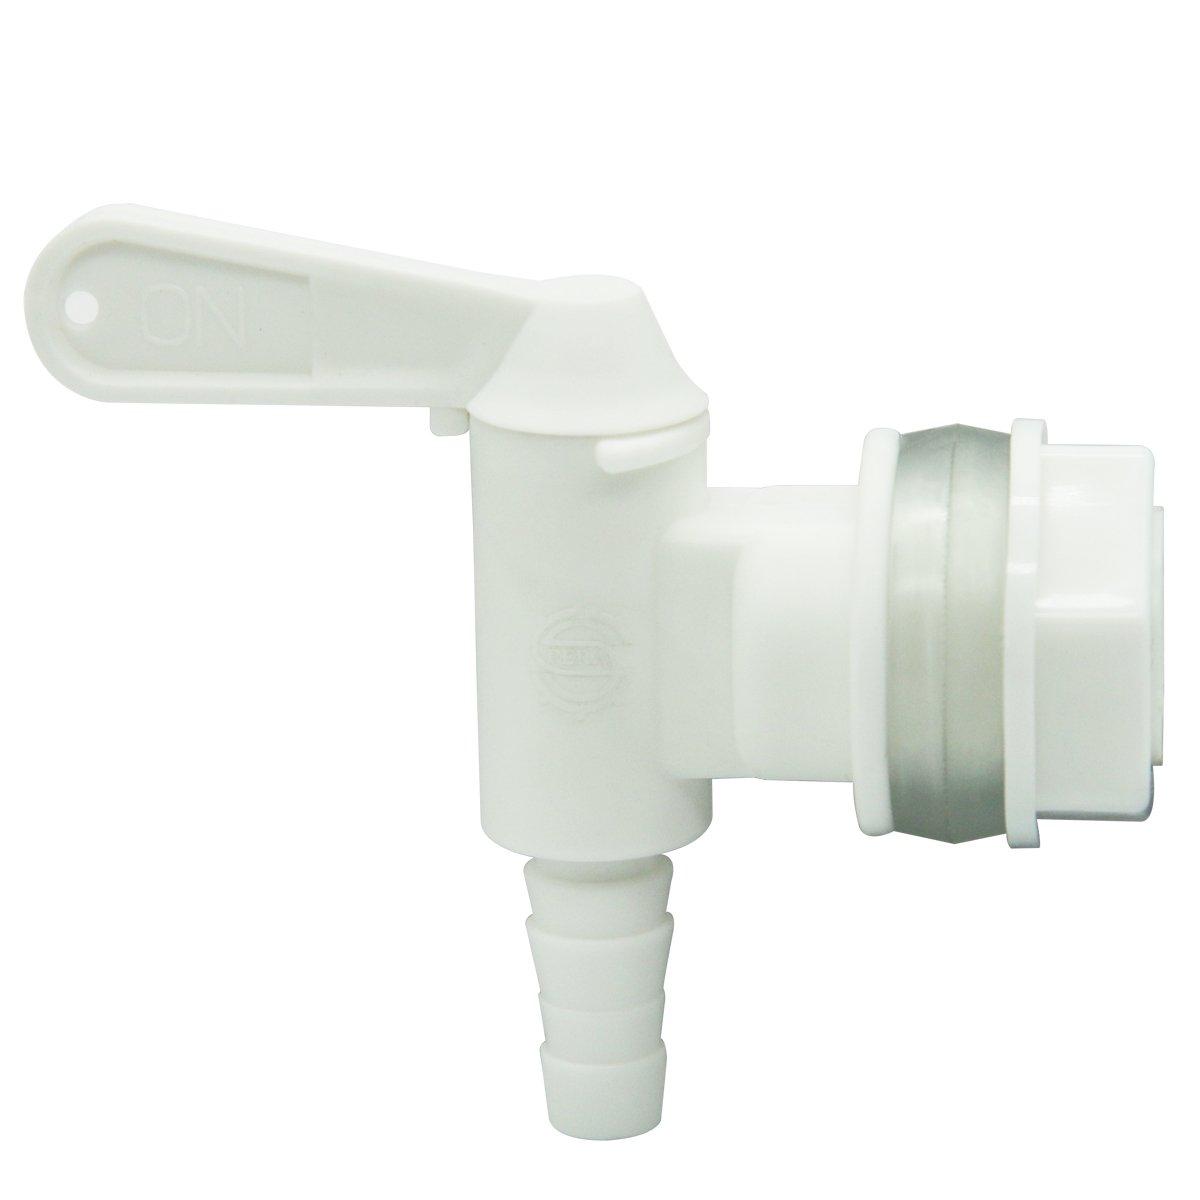 PERA Bottling Bucket Plastic Spigot, Replacement Spigot for Beer or Soda Homebrewing TOMMUR INDUSTRY CO. LTD